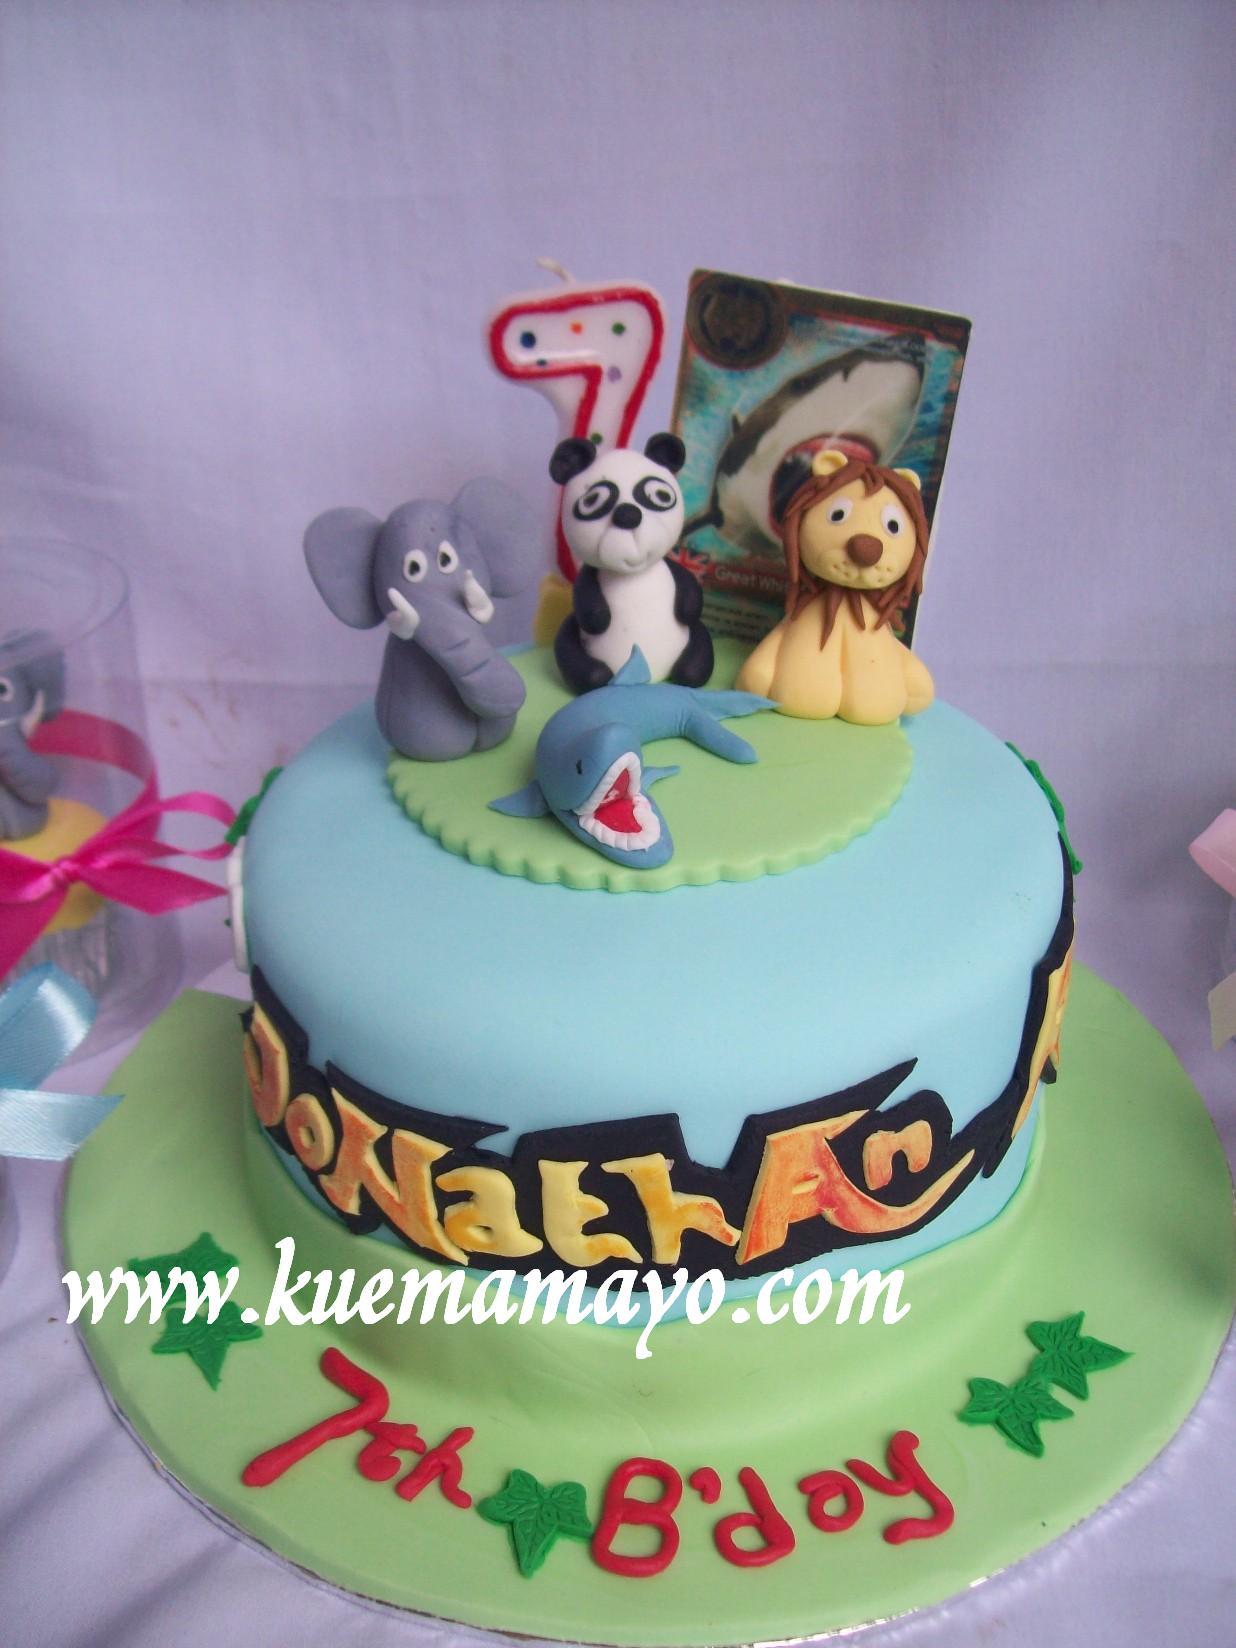 Animal Kaiser cake Jonathan Mamayo